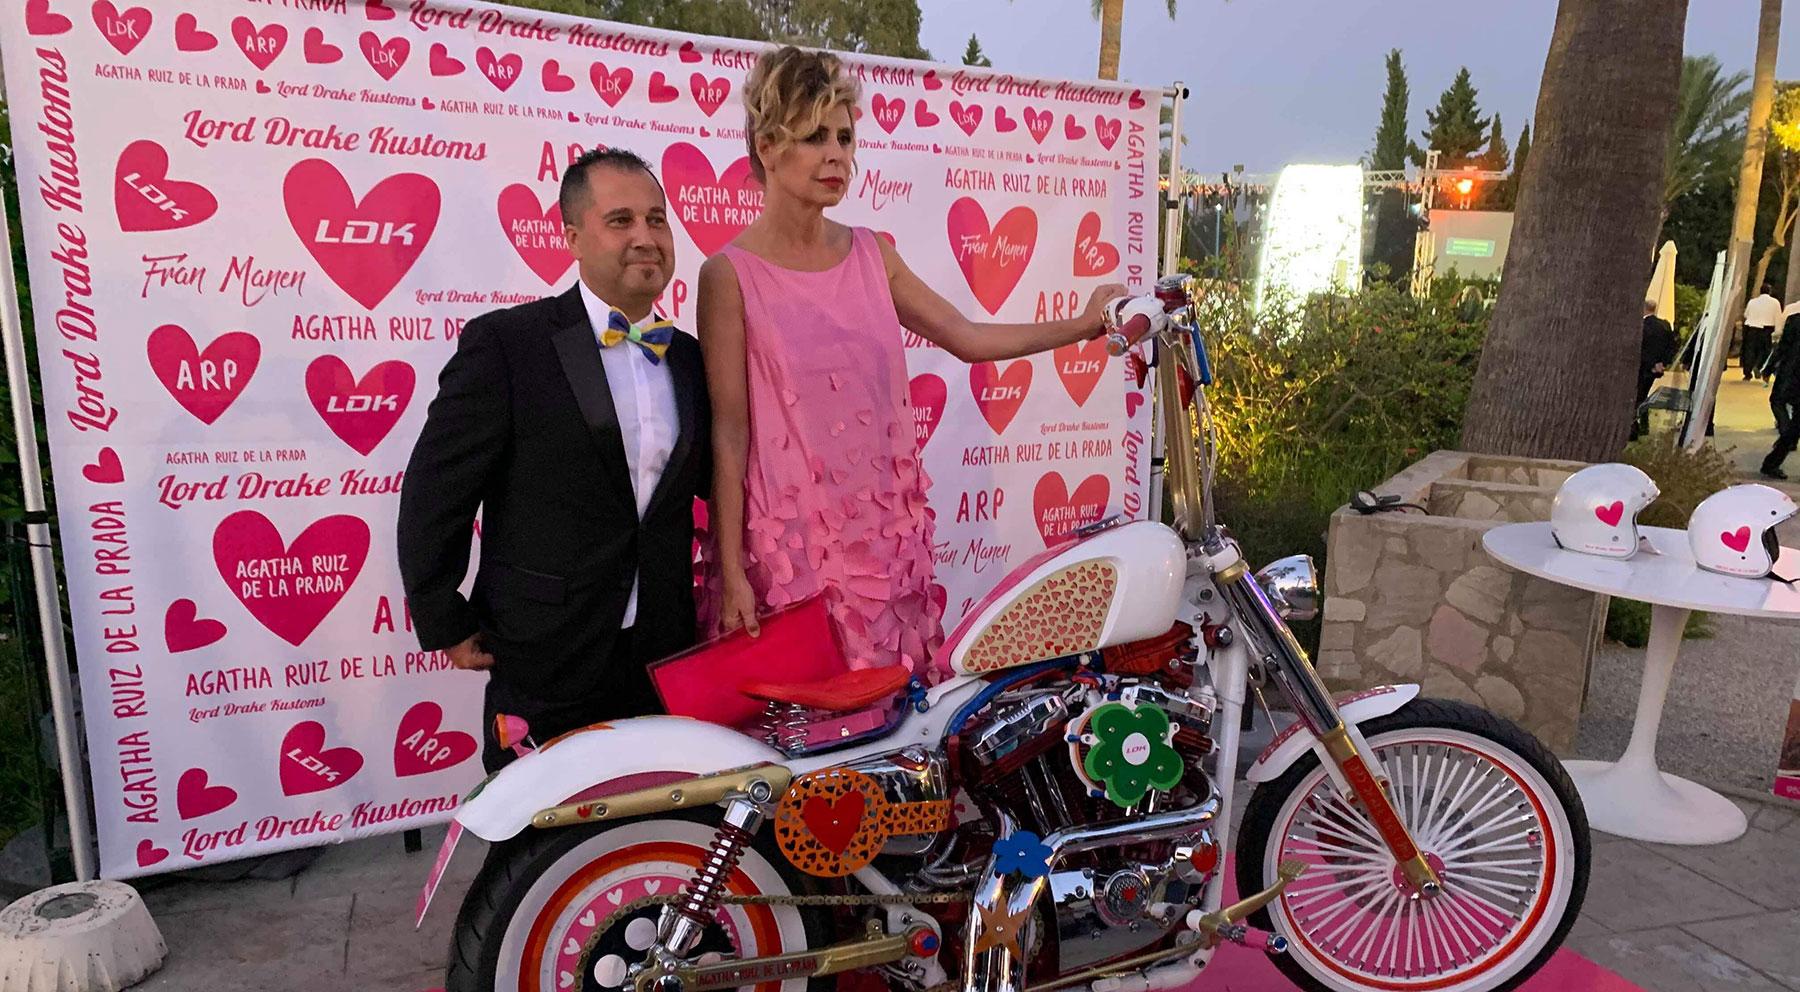 Todos los detalles de la Harley de Ágatha Ruiz de la Prada